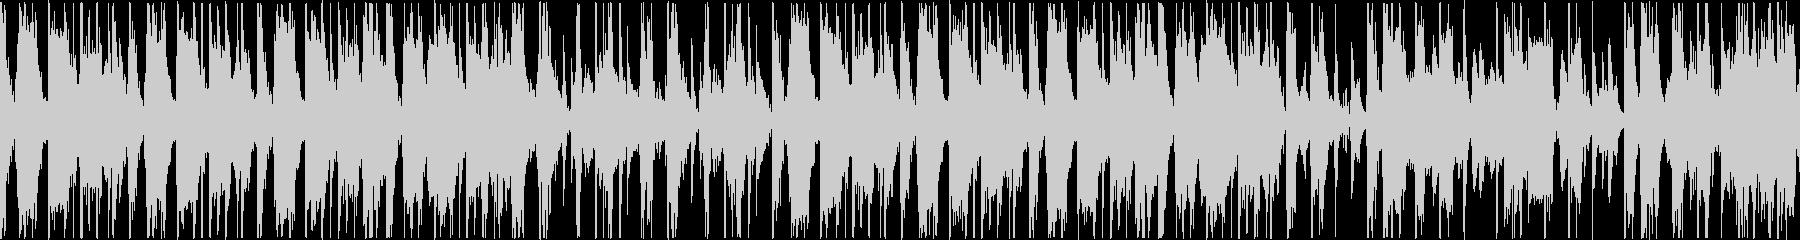 HIPHOP SOUL track1の未再生の波形